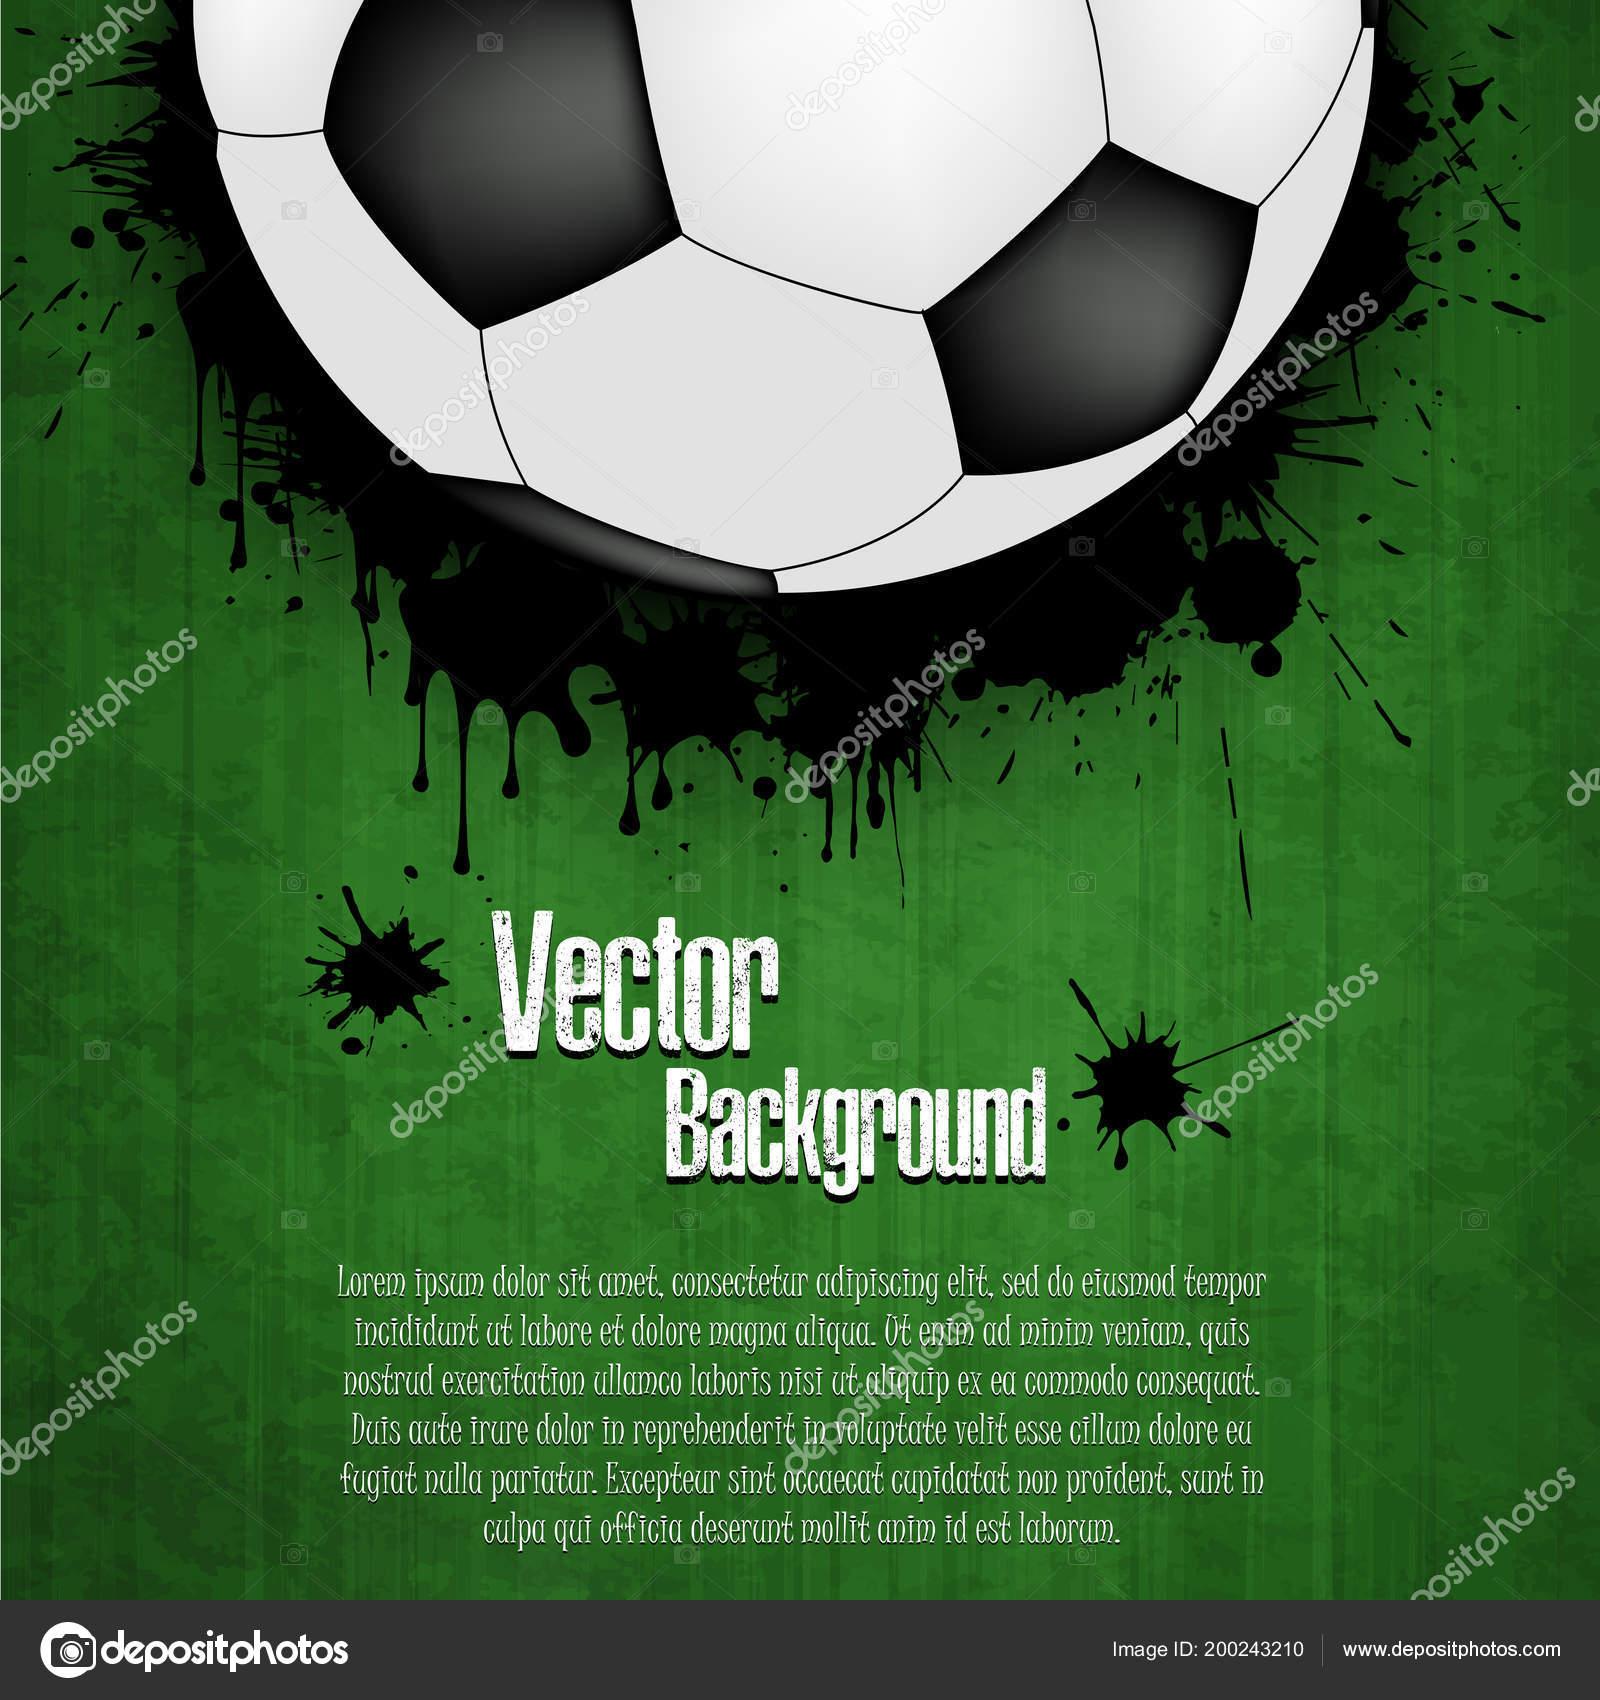 052d265e31 Fundo Bola Futebol Banner Futebol Com Campo Futebol Bola Texto — Vetor de  Stock